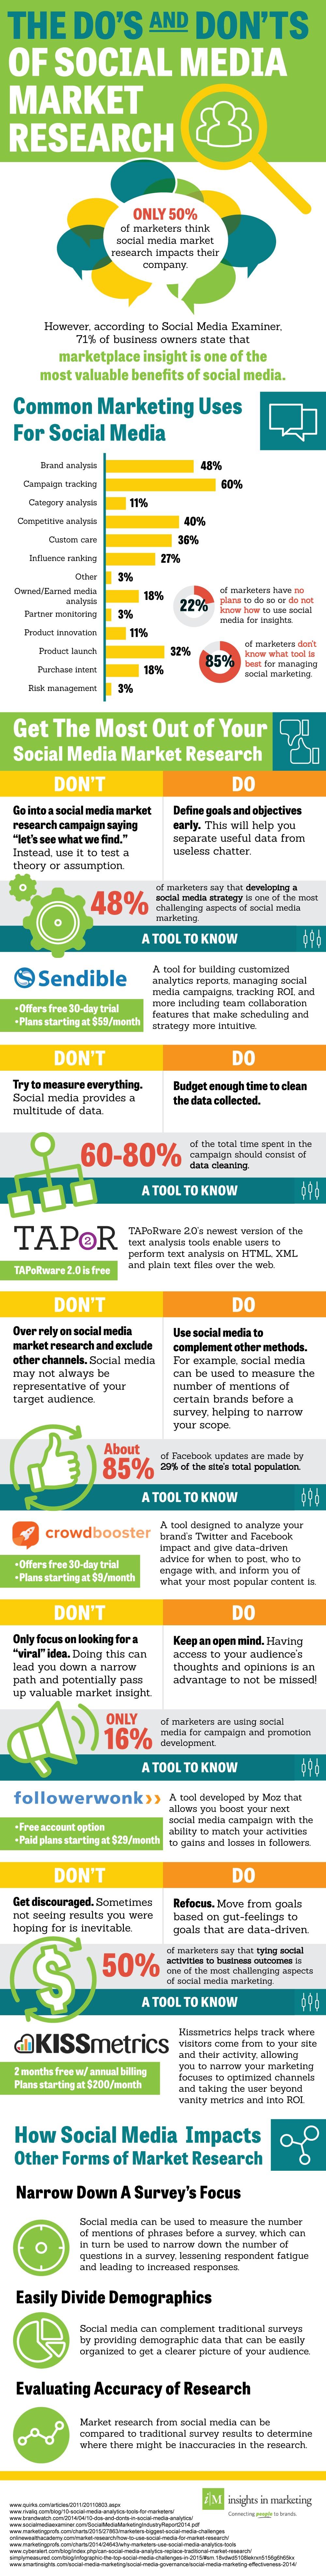 social-media-market-research.jpg